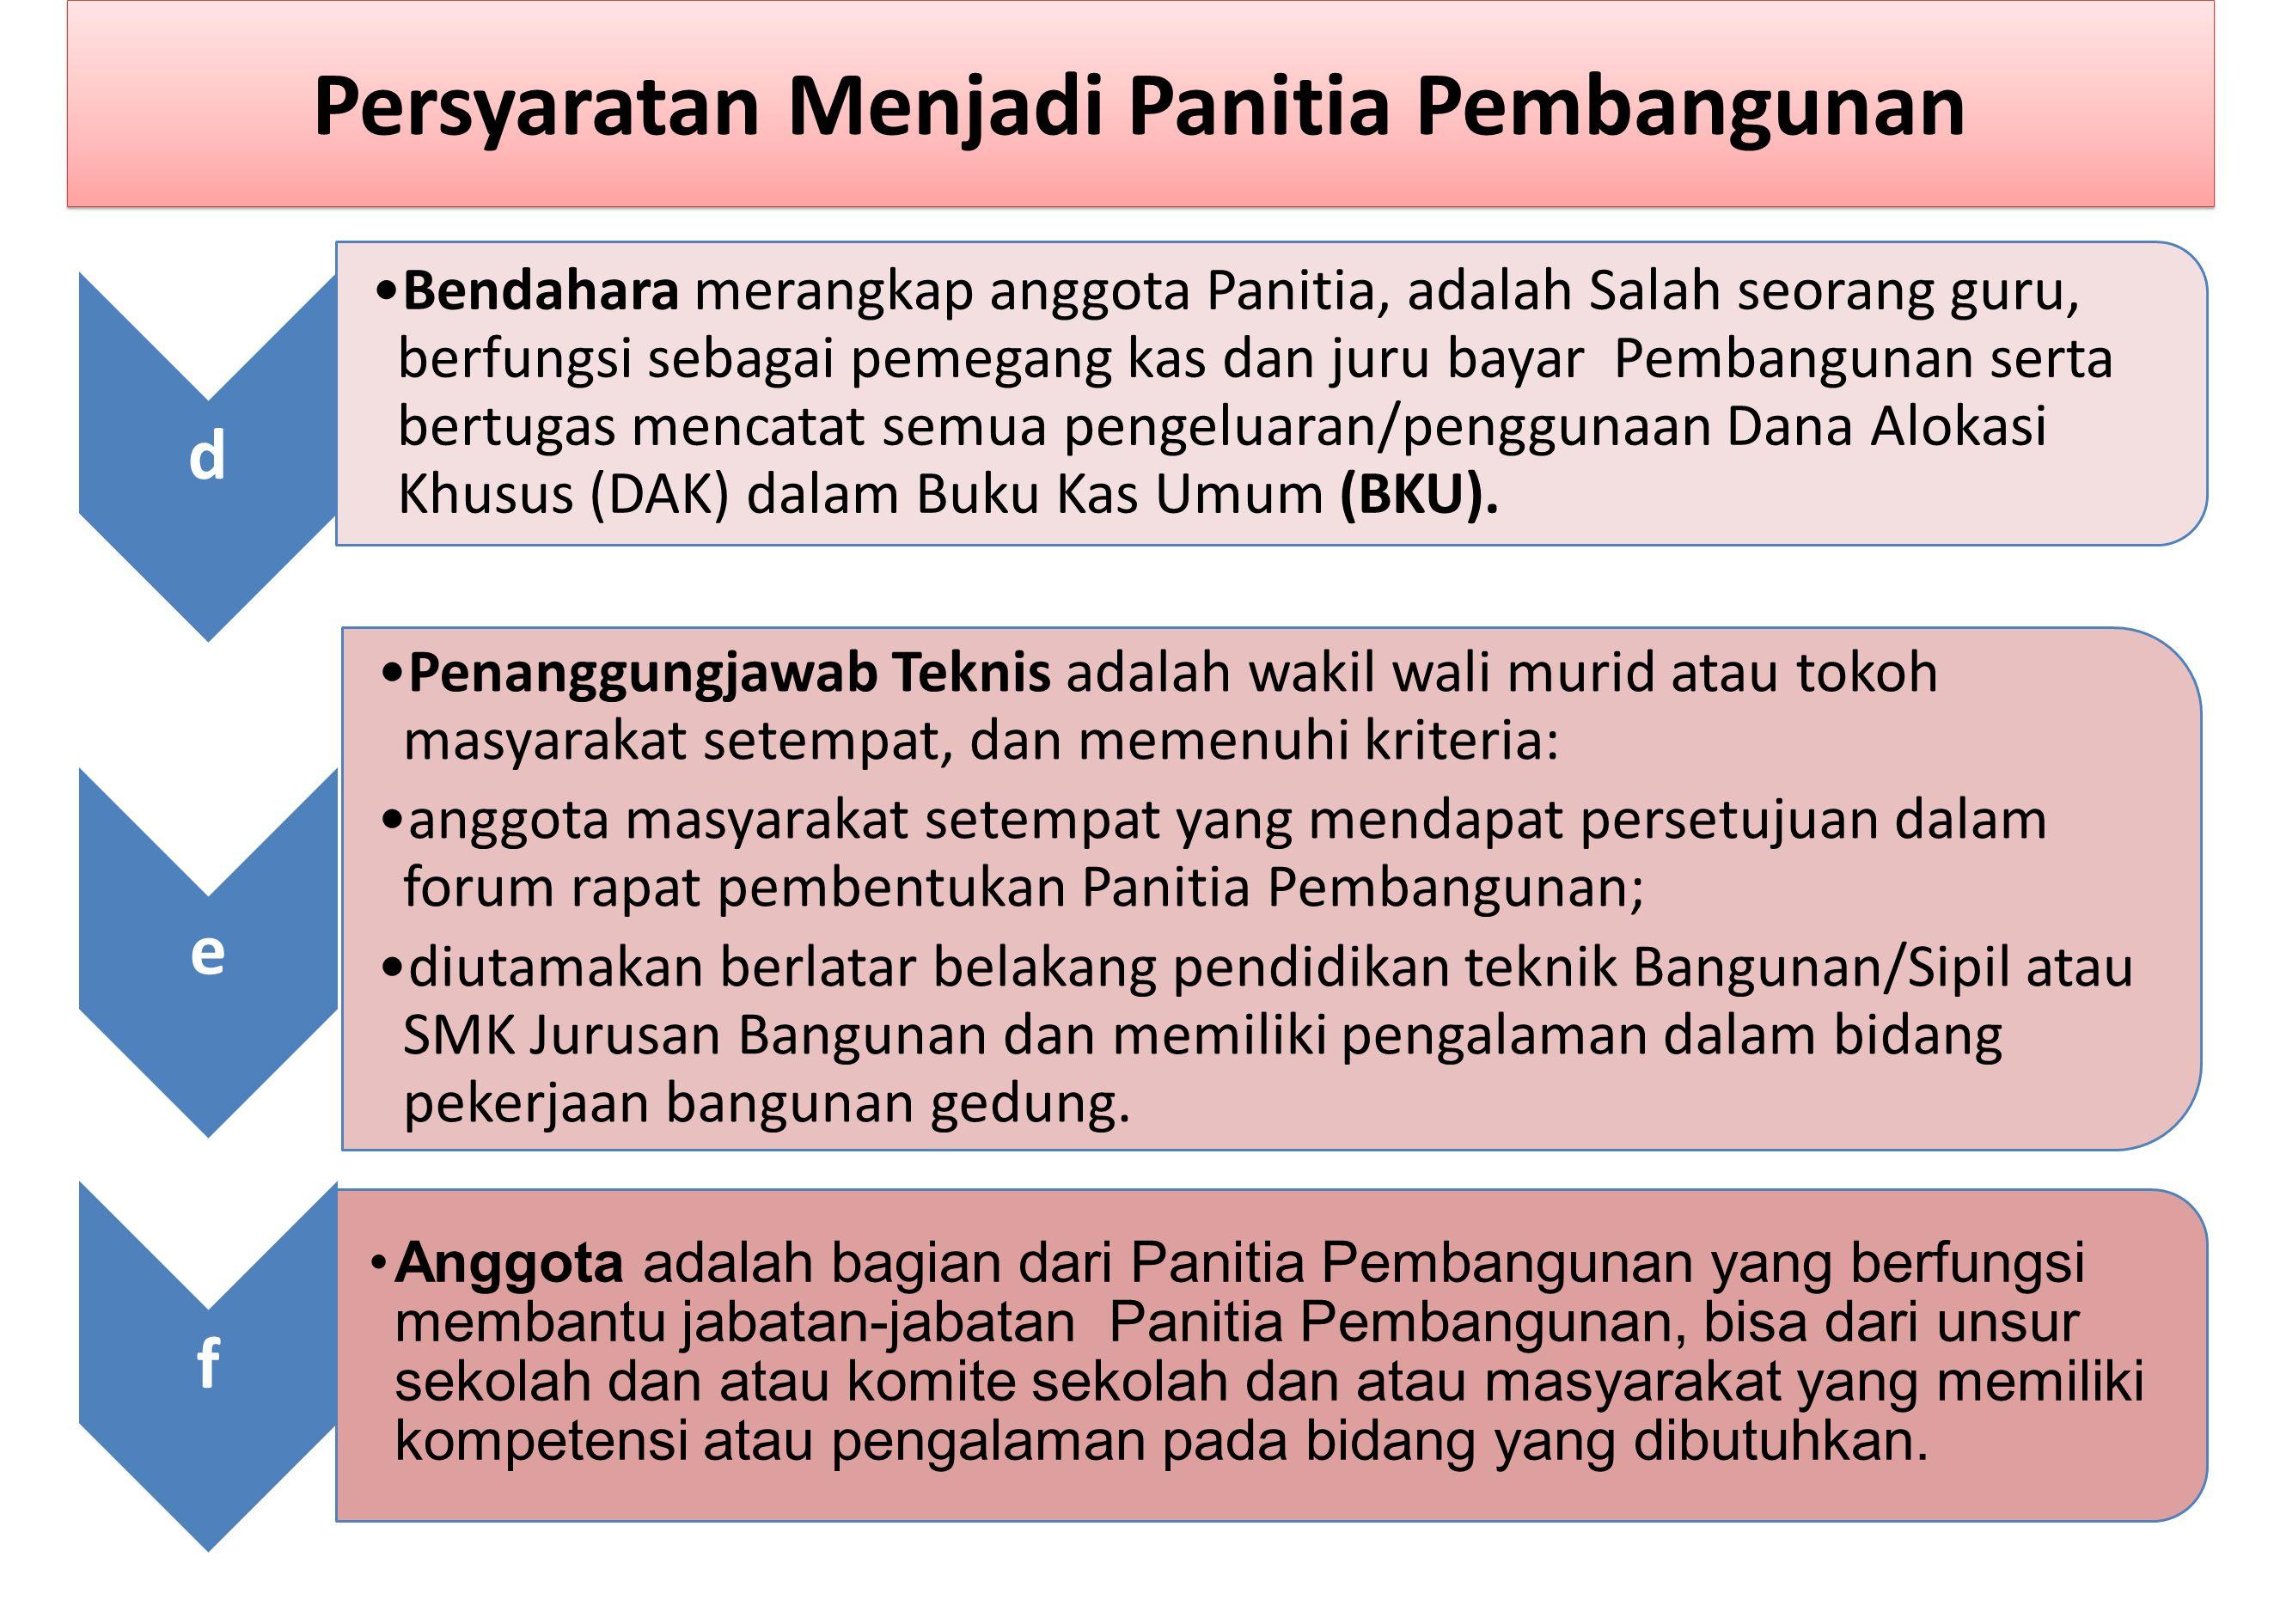 d Bendahara merangkap anggota Panitia, adalah Salah seorang guru, berfungsi sebagai pemegang kas dan juru bayar Pembangunan serta bertugas mencatat semua pengeluaran/penggunaan Dana Alokasi Khusus (DAK) dalam Buku Kas Umum (BKU).